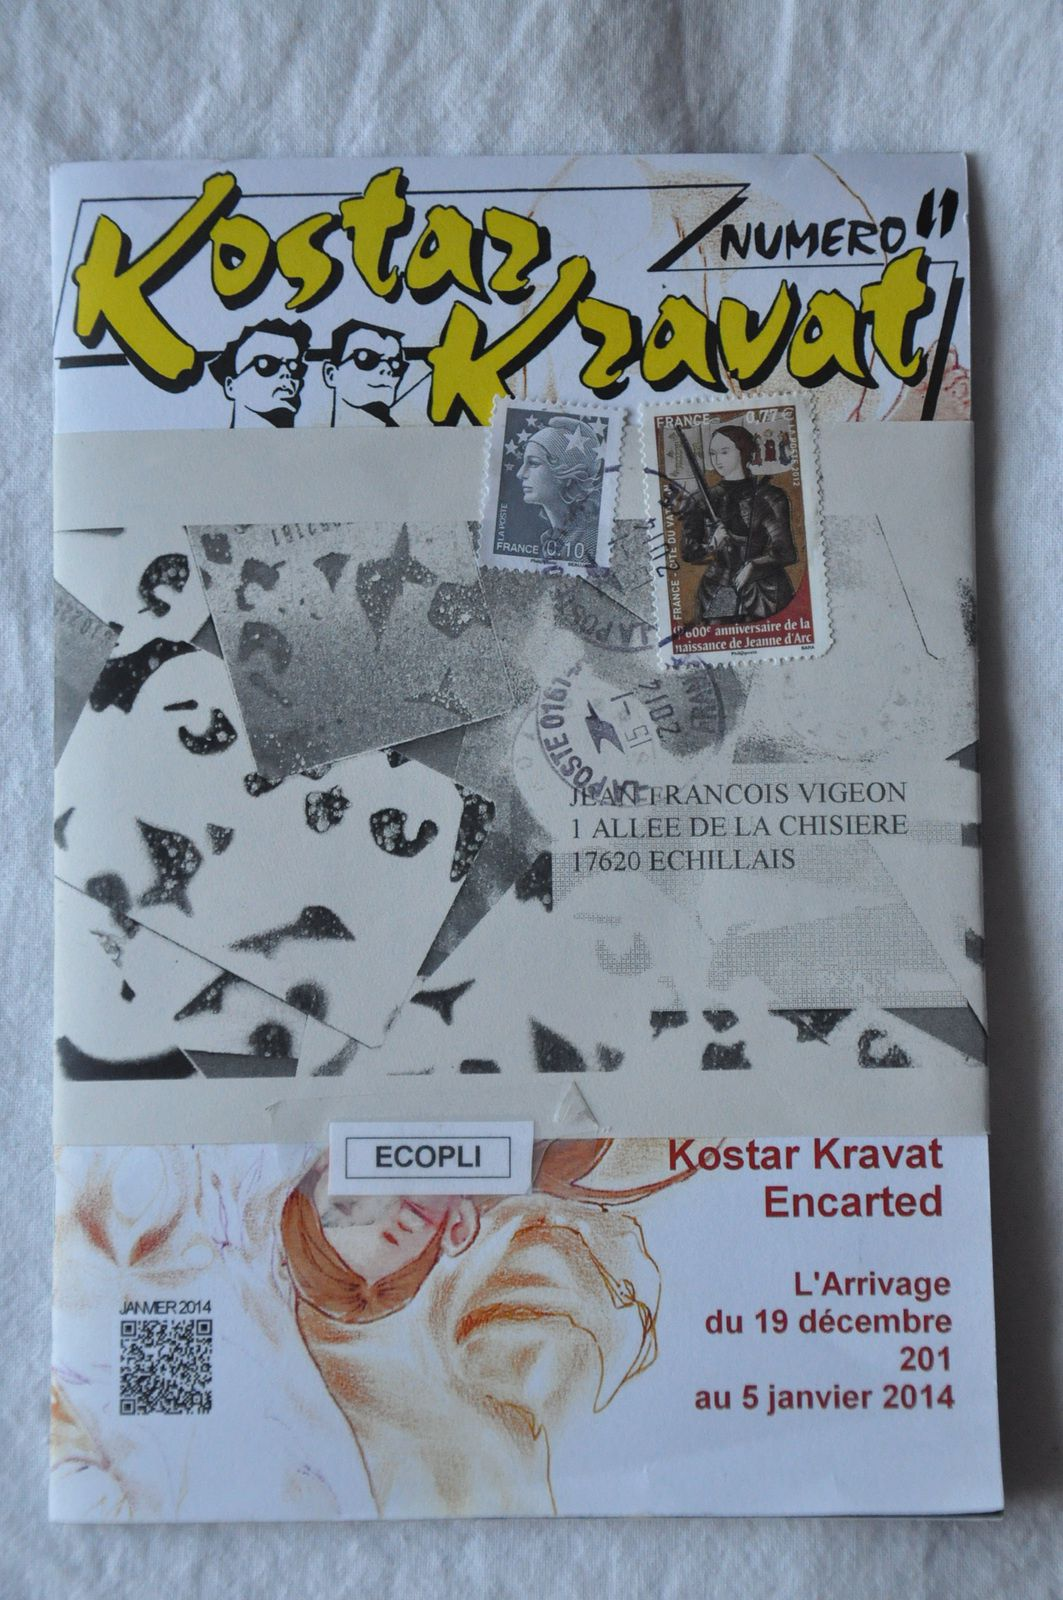 """Merci beaucoup à Aristide 1308 pour cet exemplaire de """"Kostar Kravat"""", une fanzine très étudiée!"""